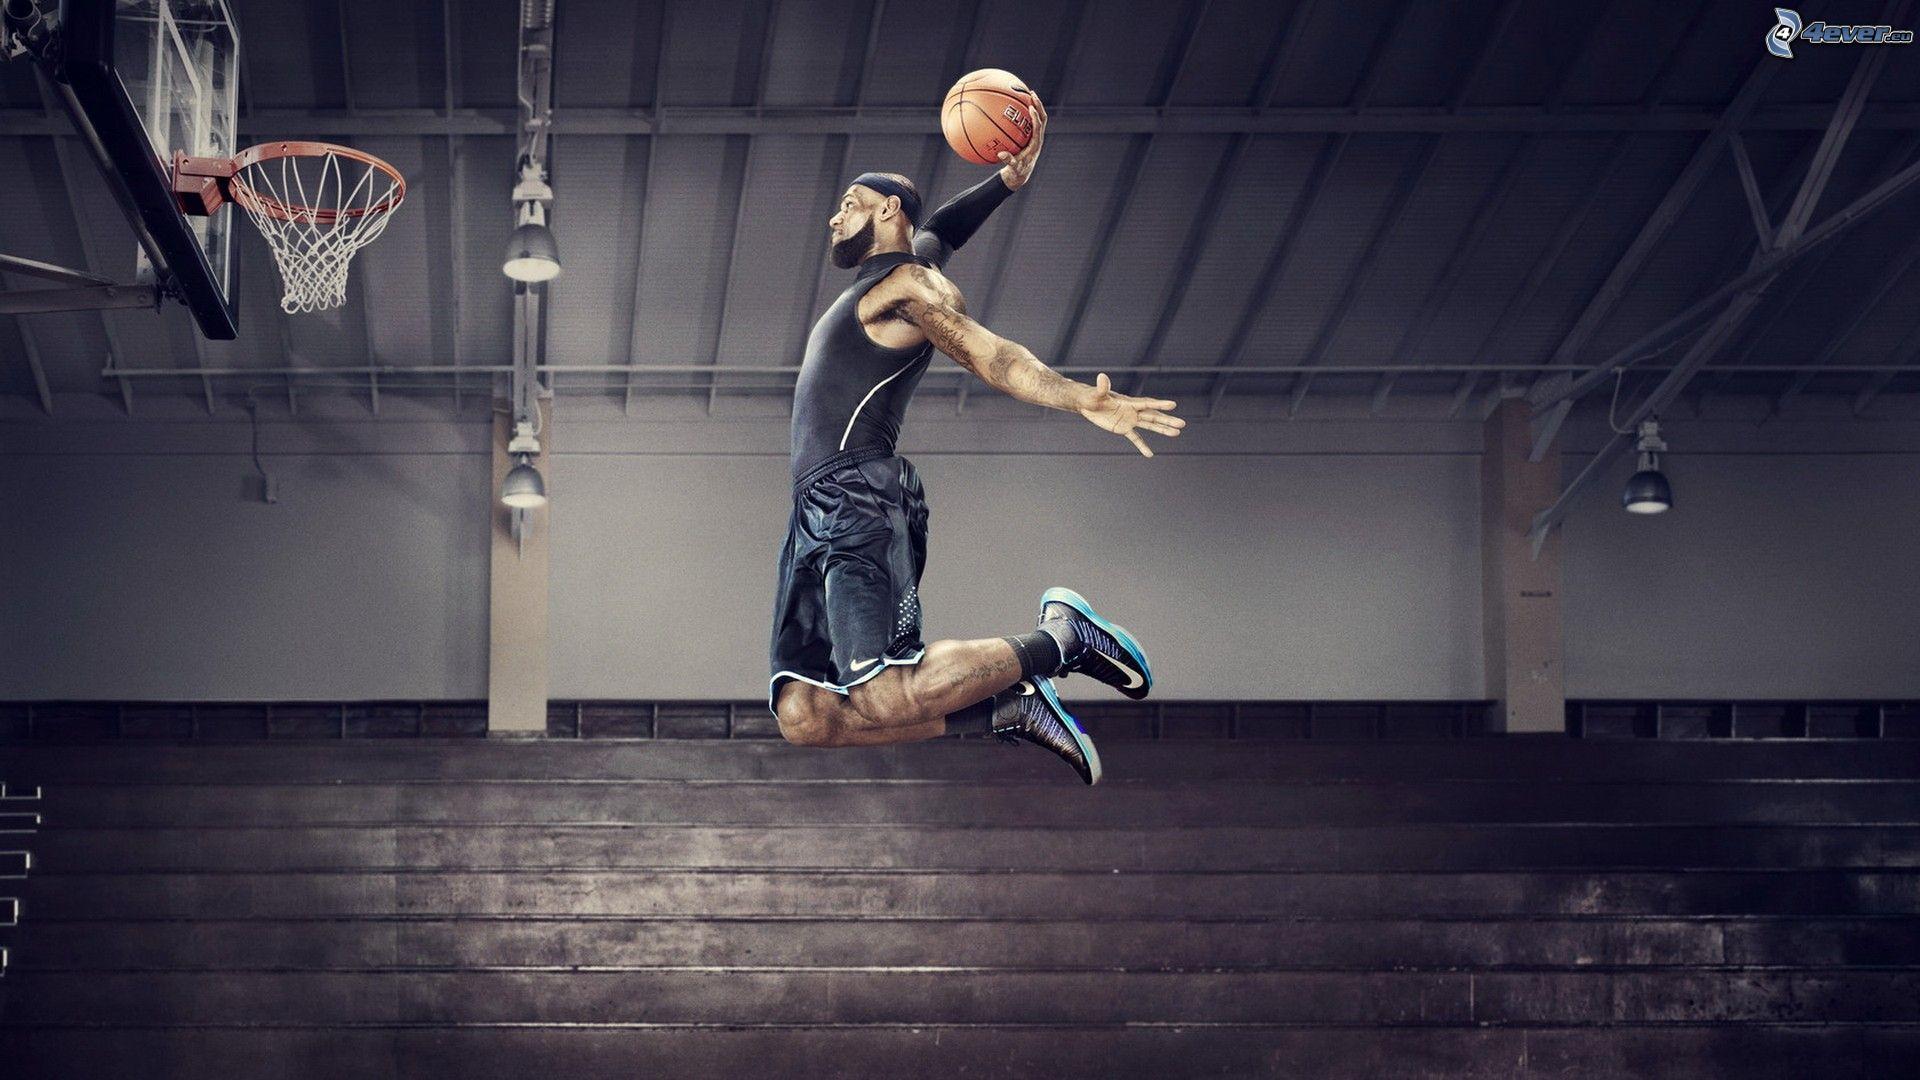 Pallacanestro - Immagini stampabili di pallacanestro ...